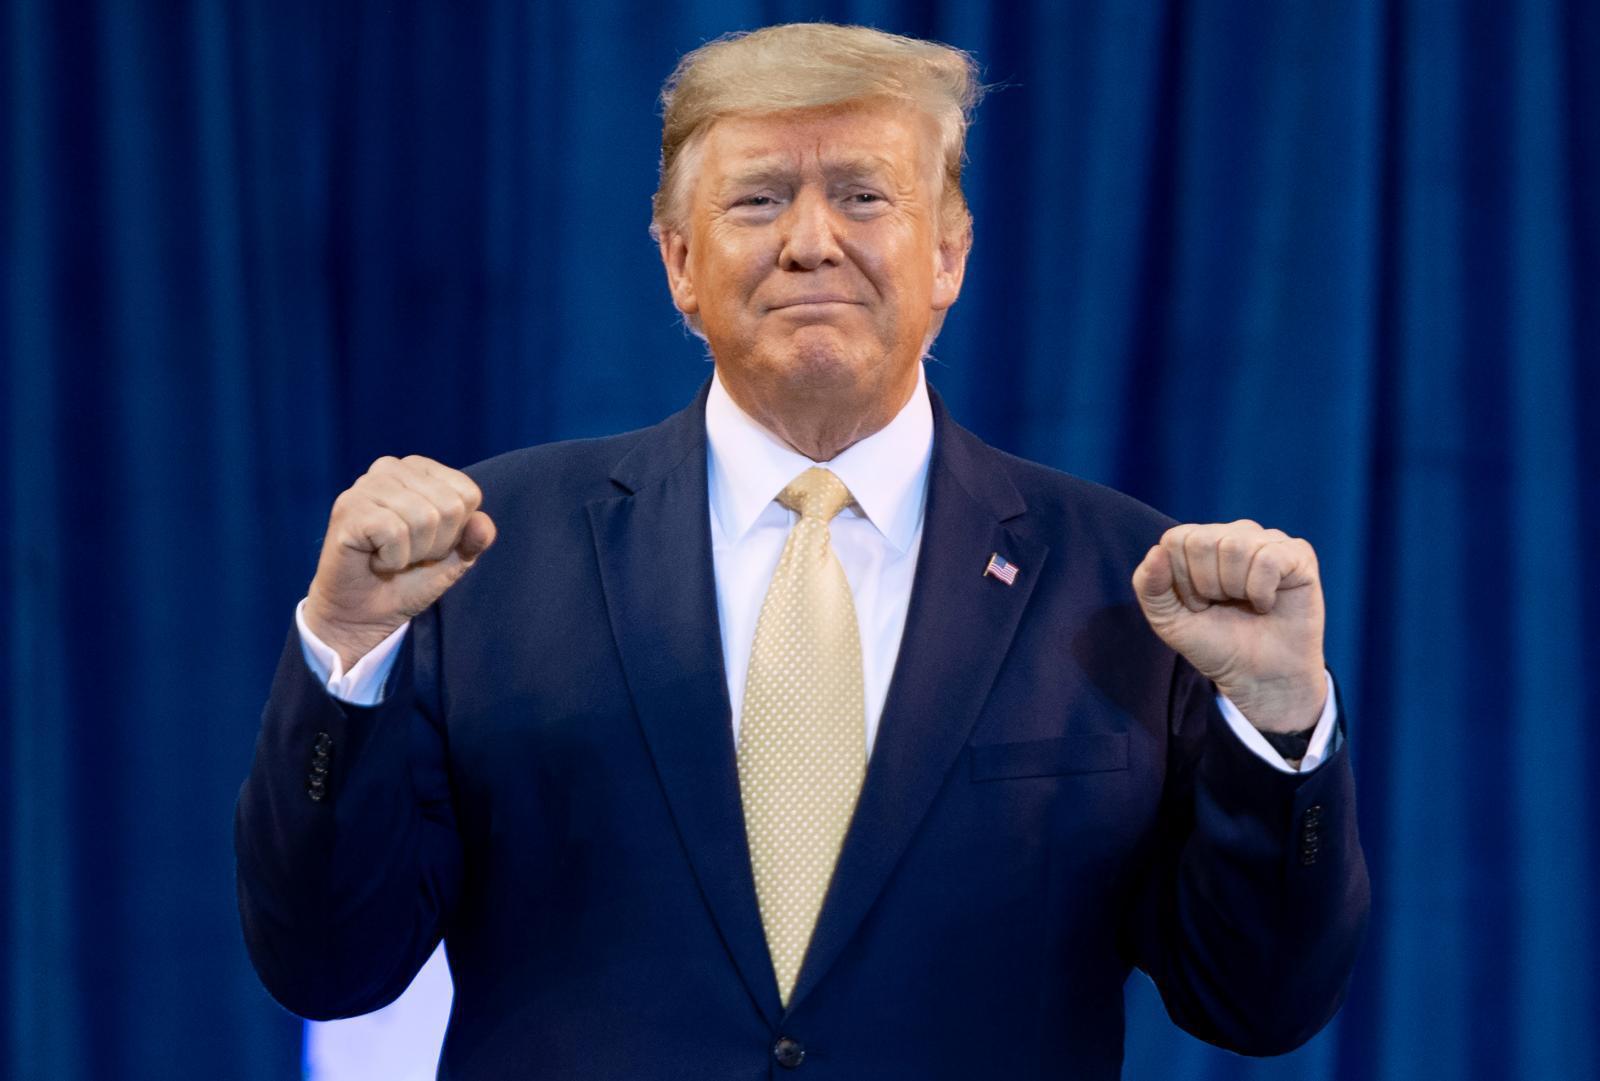 """7 ม.ค. 2332 สหรัฐมีประธานาธิบดีคนแรก ยาวนานถึง """"ทรัมป์"""" ครบรอบ 231 ปี"""